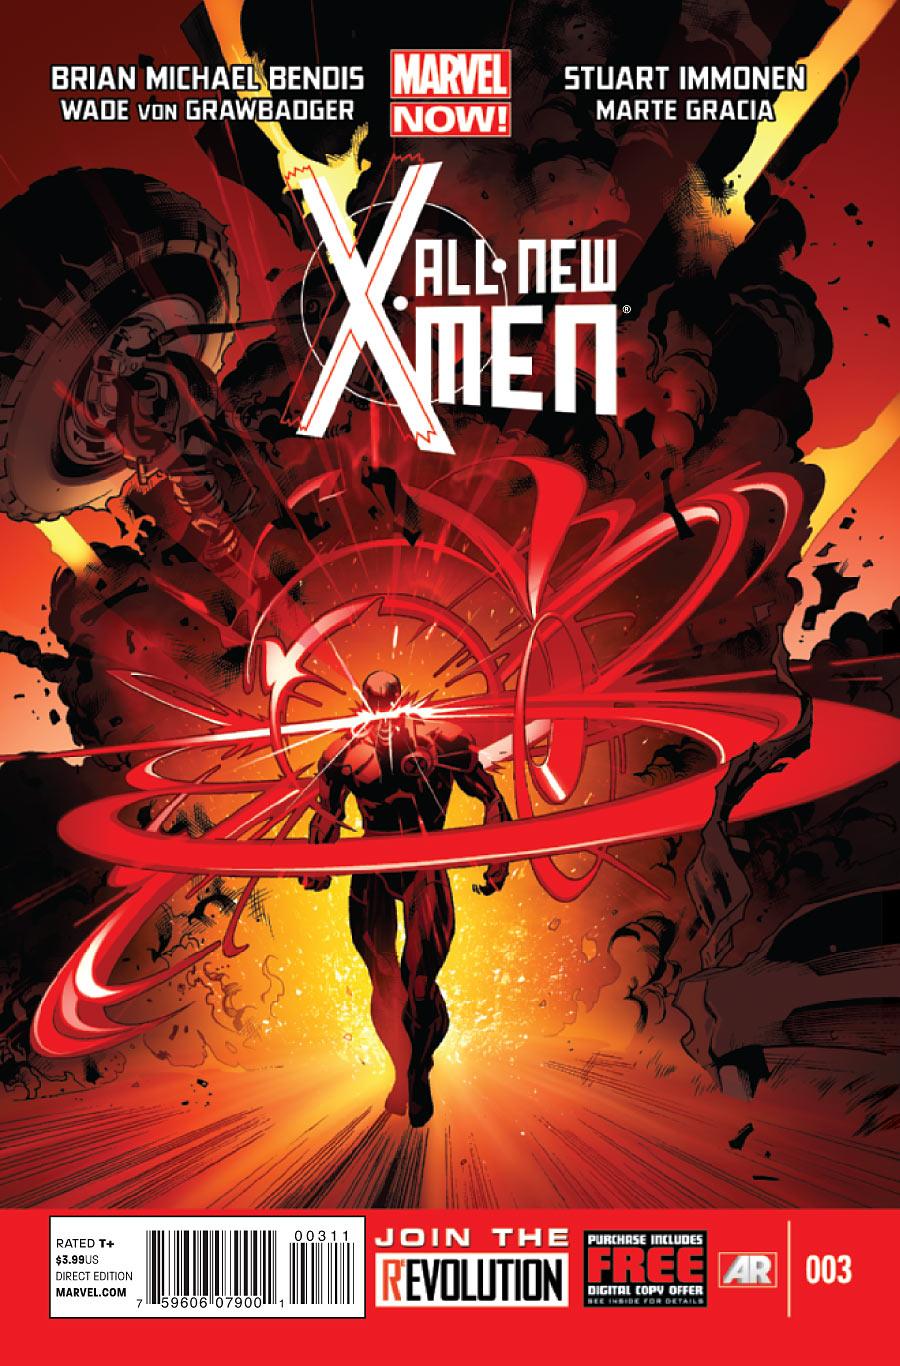 All-New X-Men #3